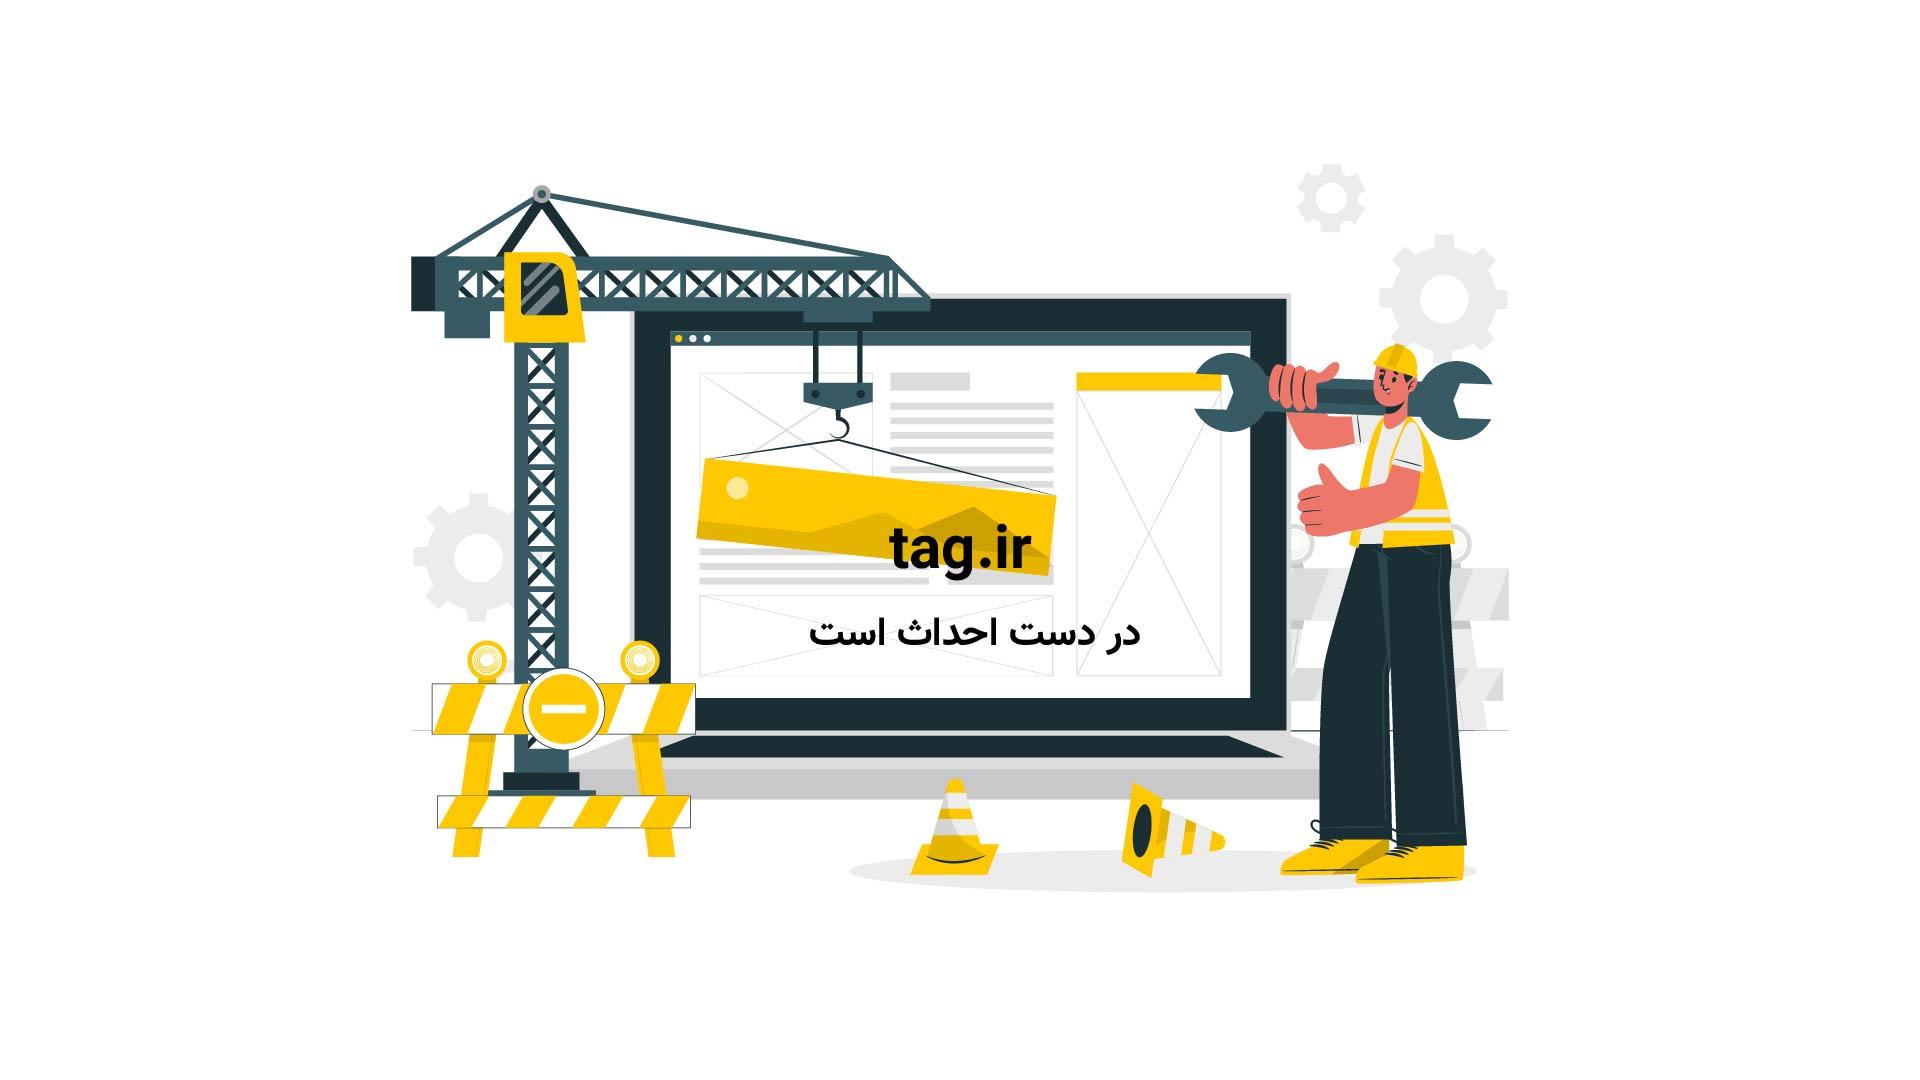 جشن-تولد-زلزله | تگ